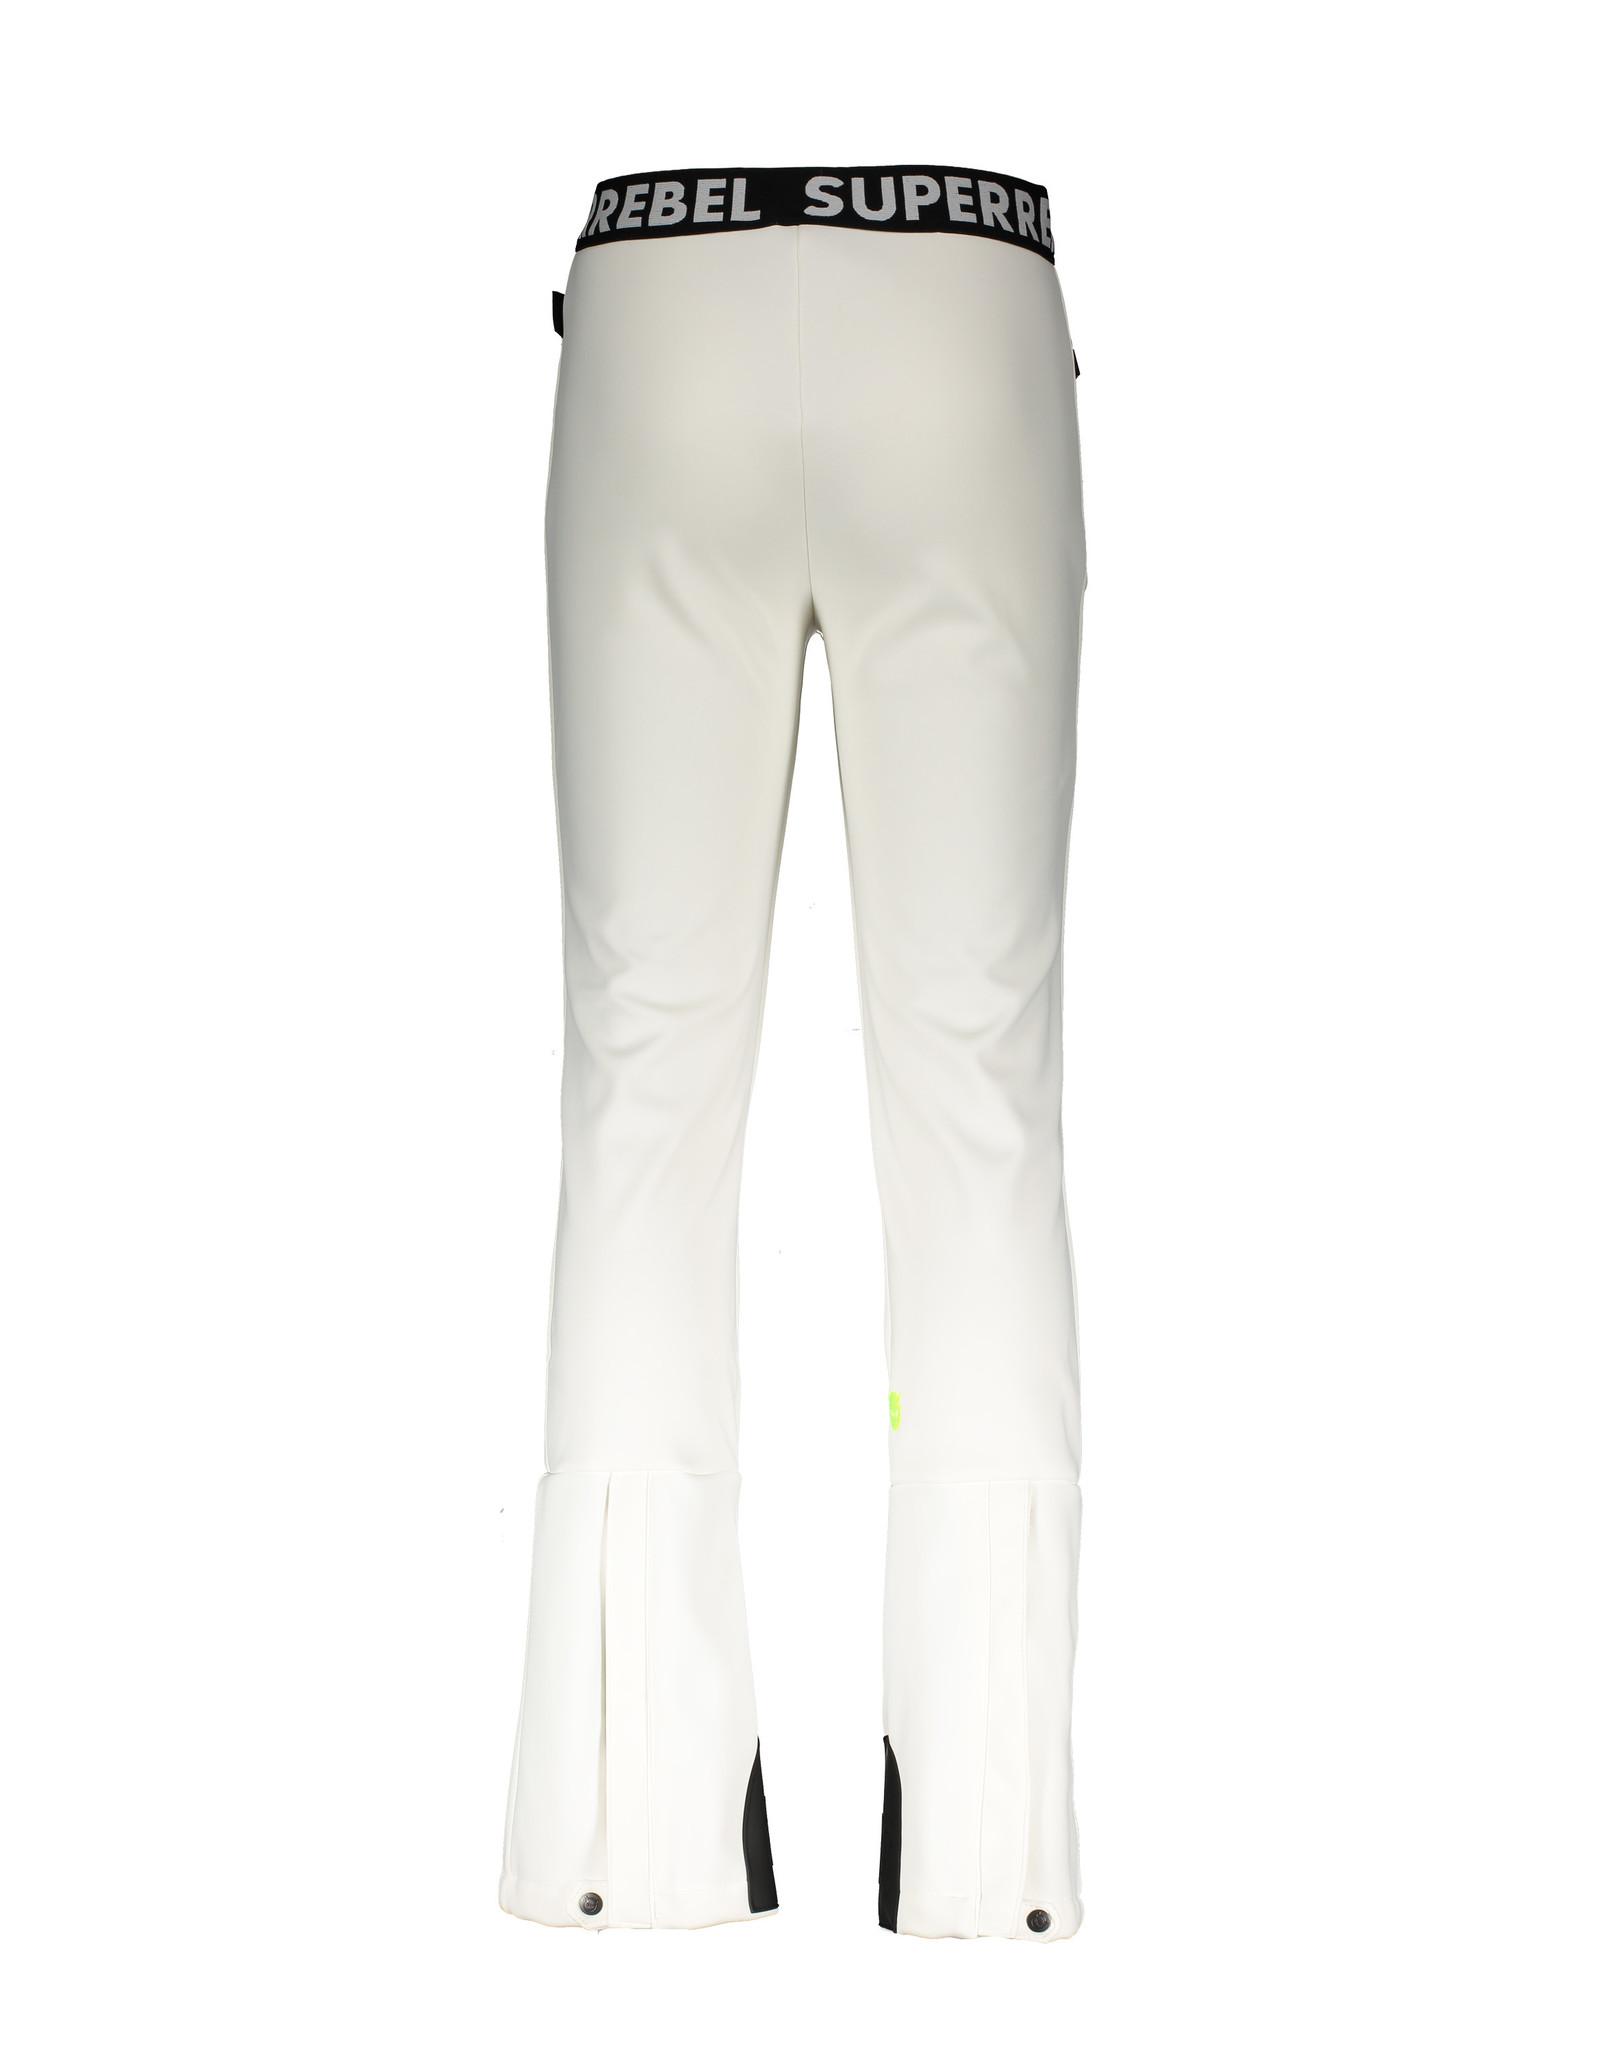 Super Rebel Super Rebel Ski Trousers Soft Shell WHITE